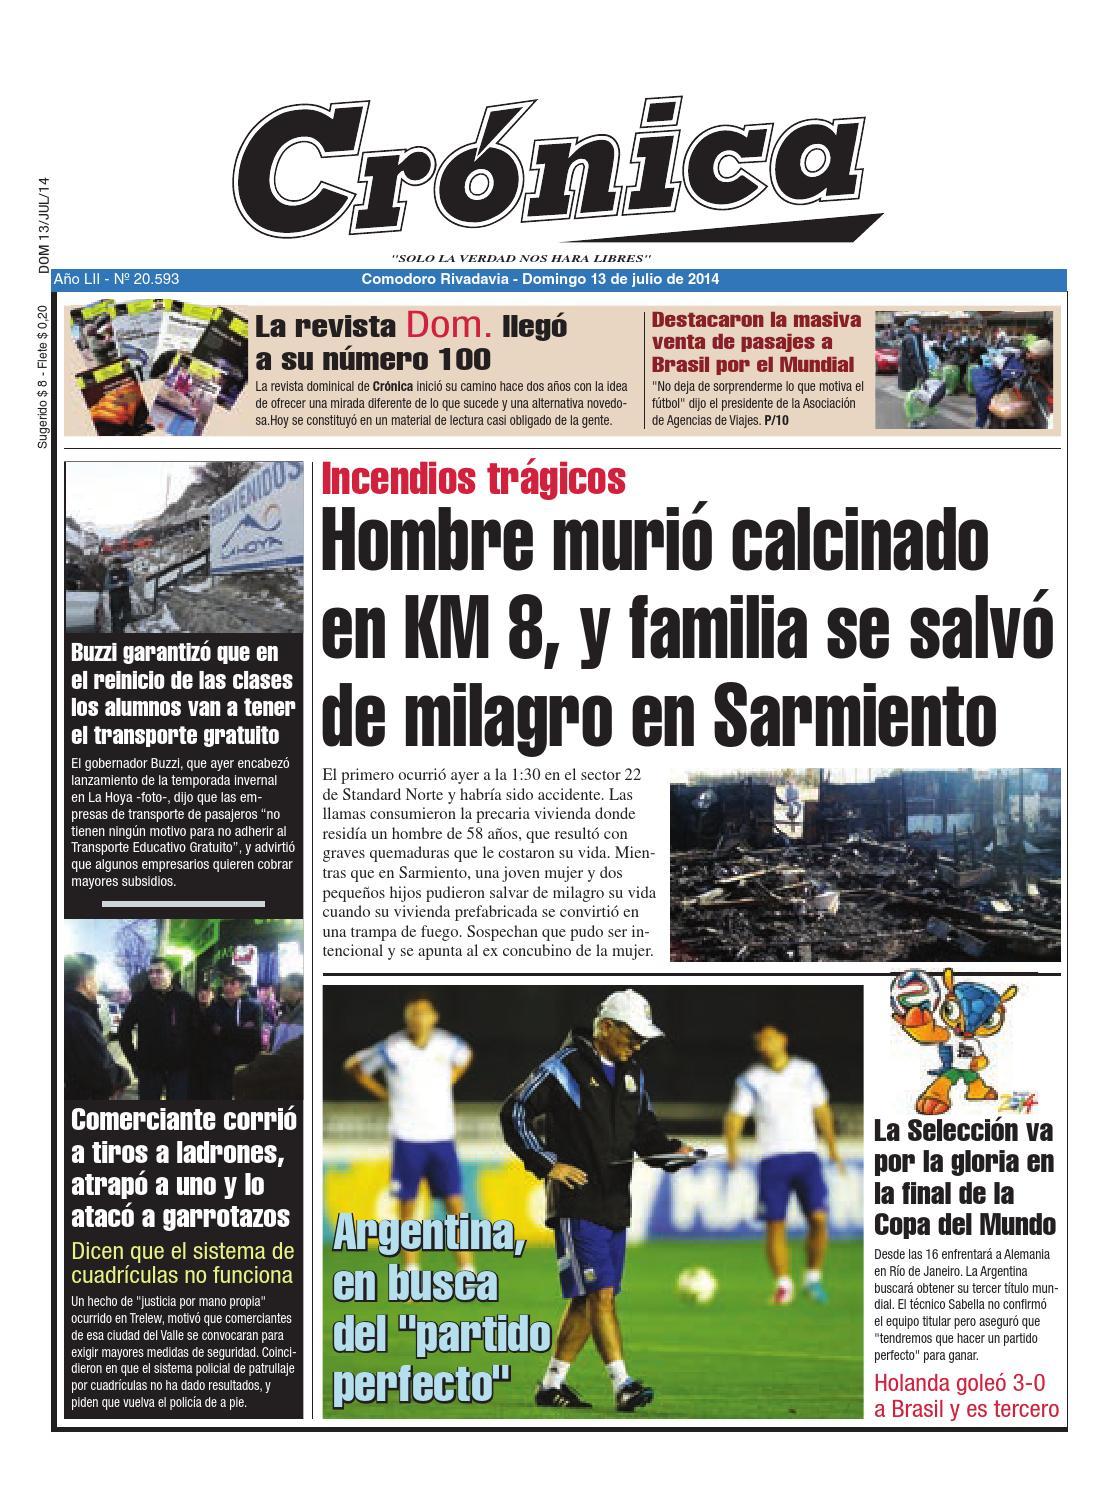 366911c9ab5547cdadbb24e582d1b04a by Diario Crónica - issuu b699d9062be72